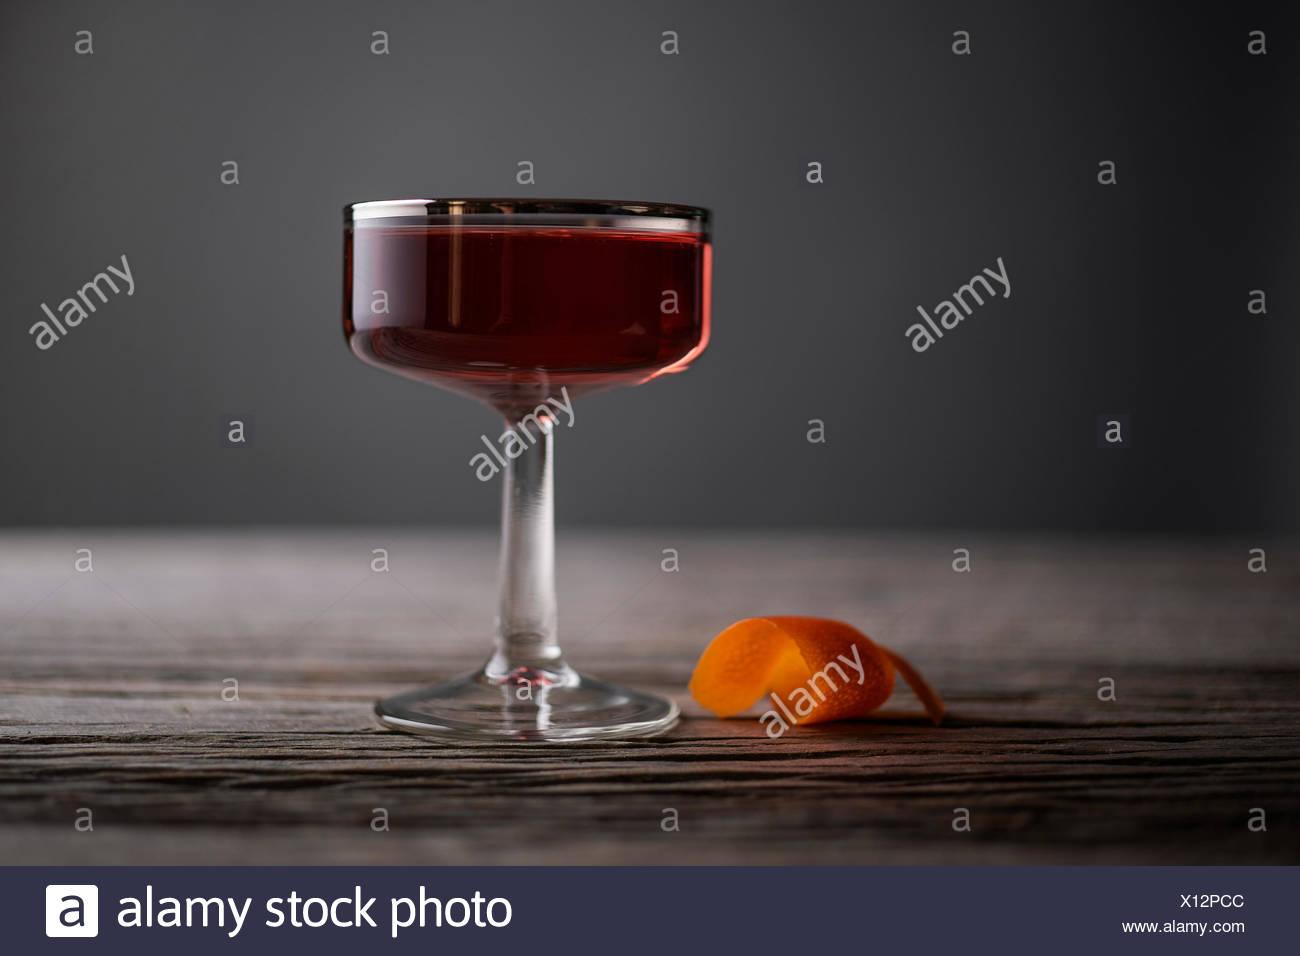 En un sofisticado cóctel vintage, forrada de plata, coupé de vidrio con cáscara de naranja sobre una superficie de madera rústica, de color gris. Foto de stock